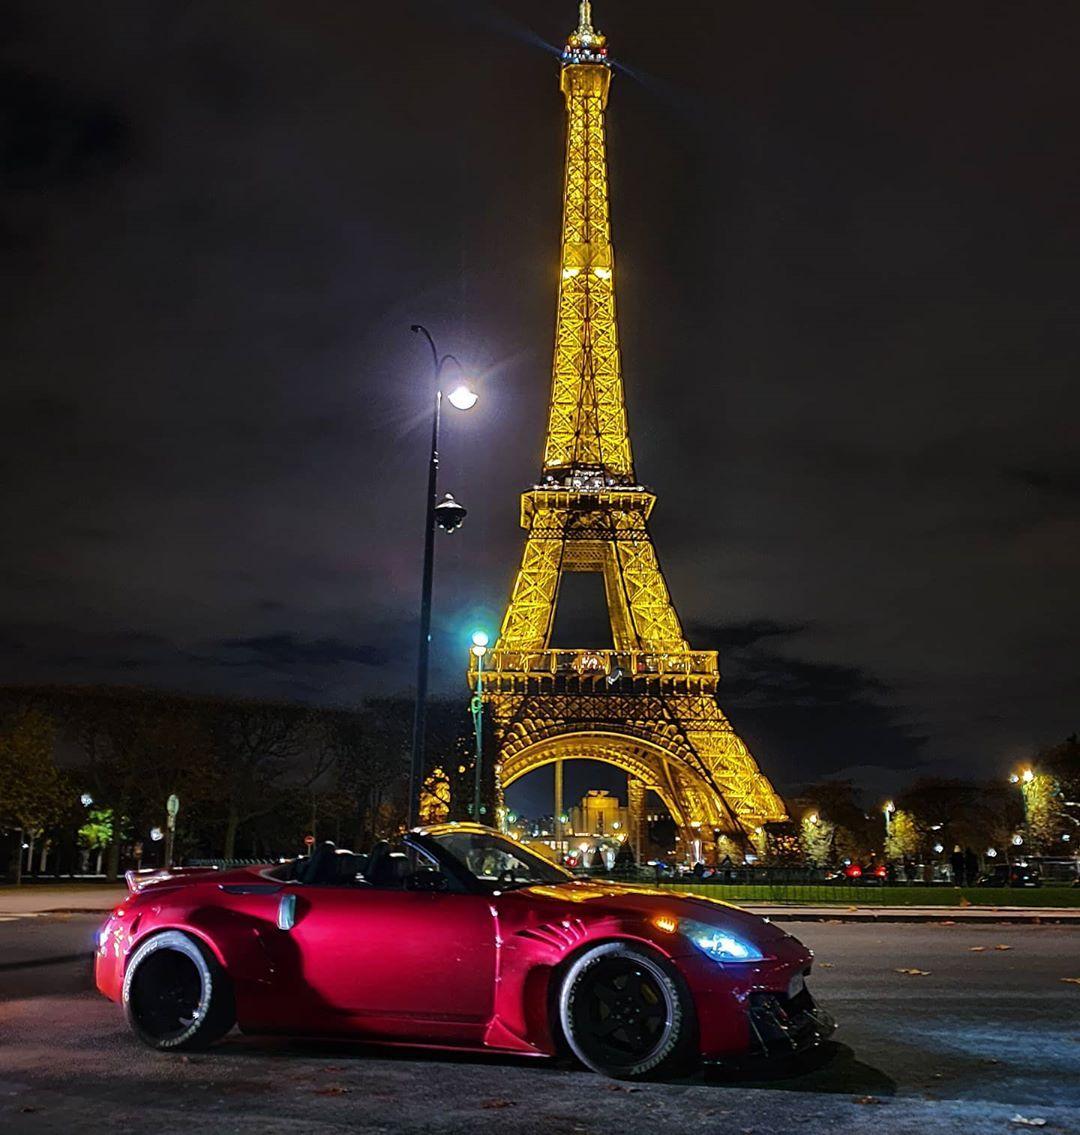 Sebaz350z On Instagram Paris Is Always A Good Idea Parisdreams Aneveninginparis Parisnights Nissan350z Fairladyz Late Paris Nissan 350z Instagram